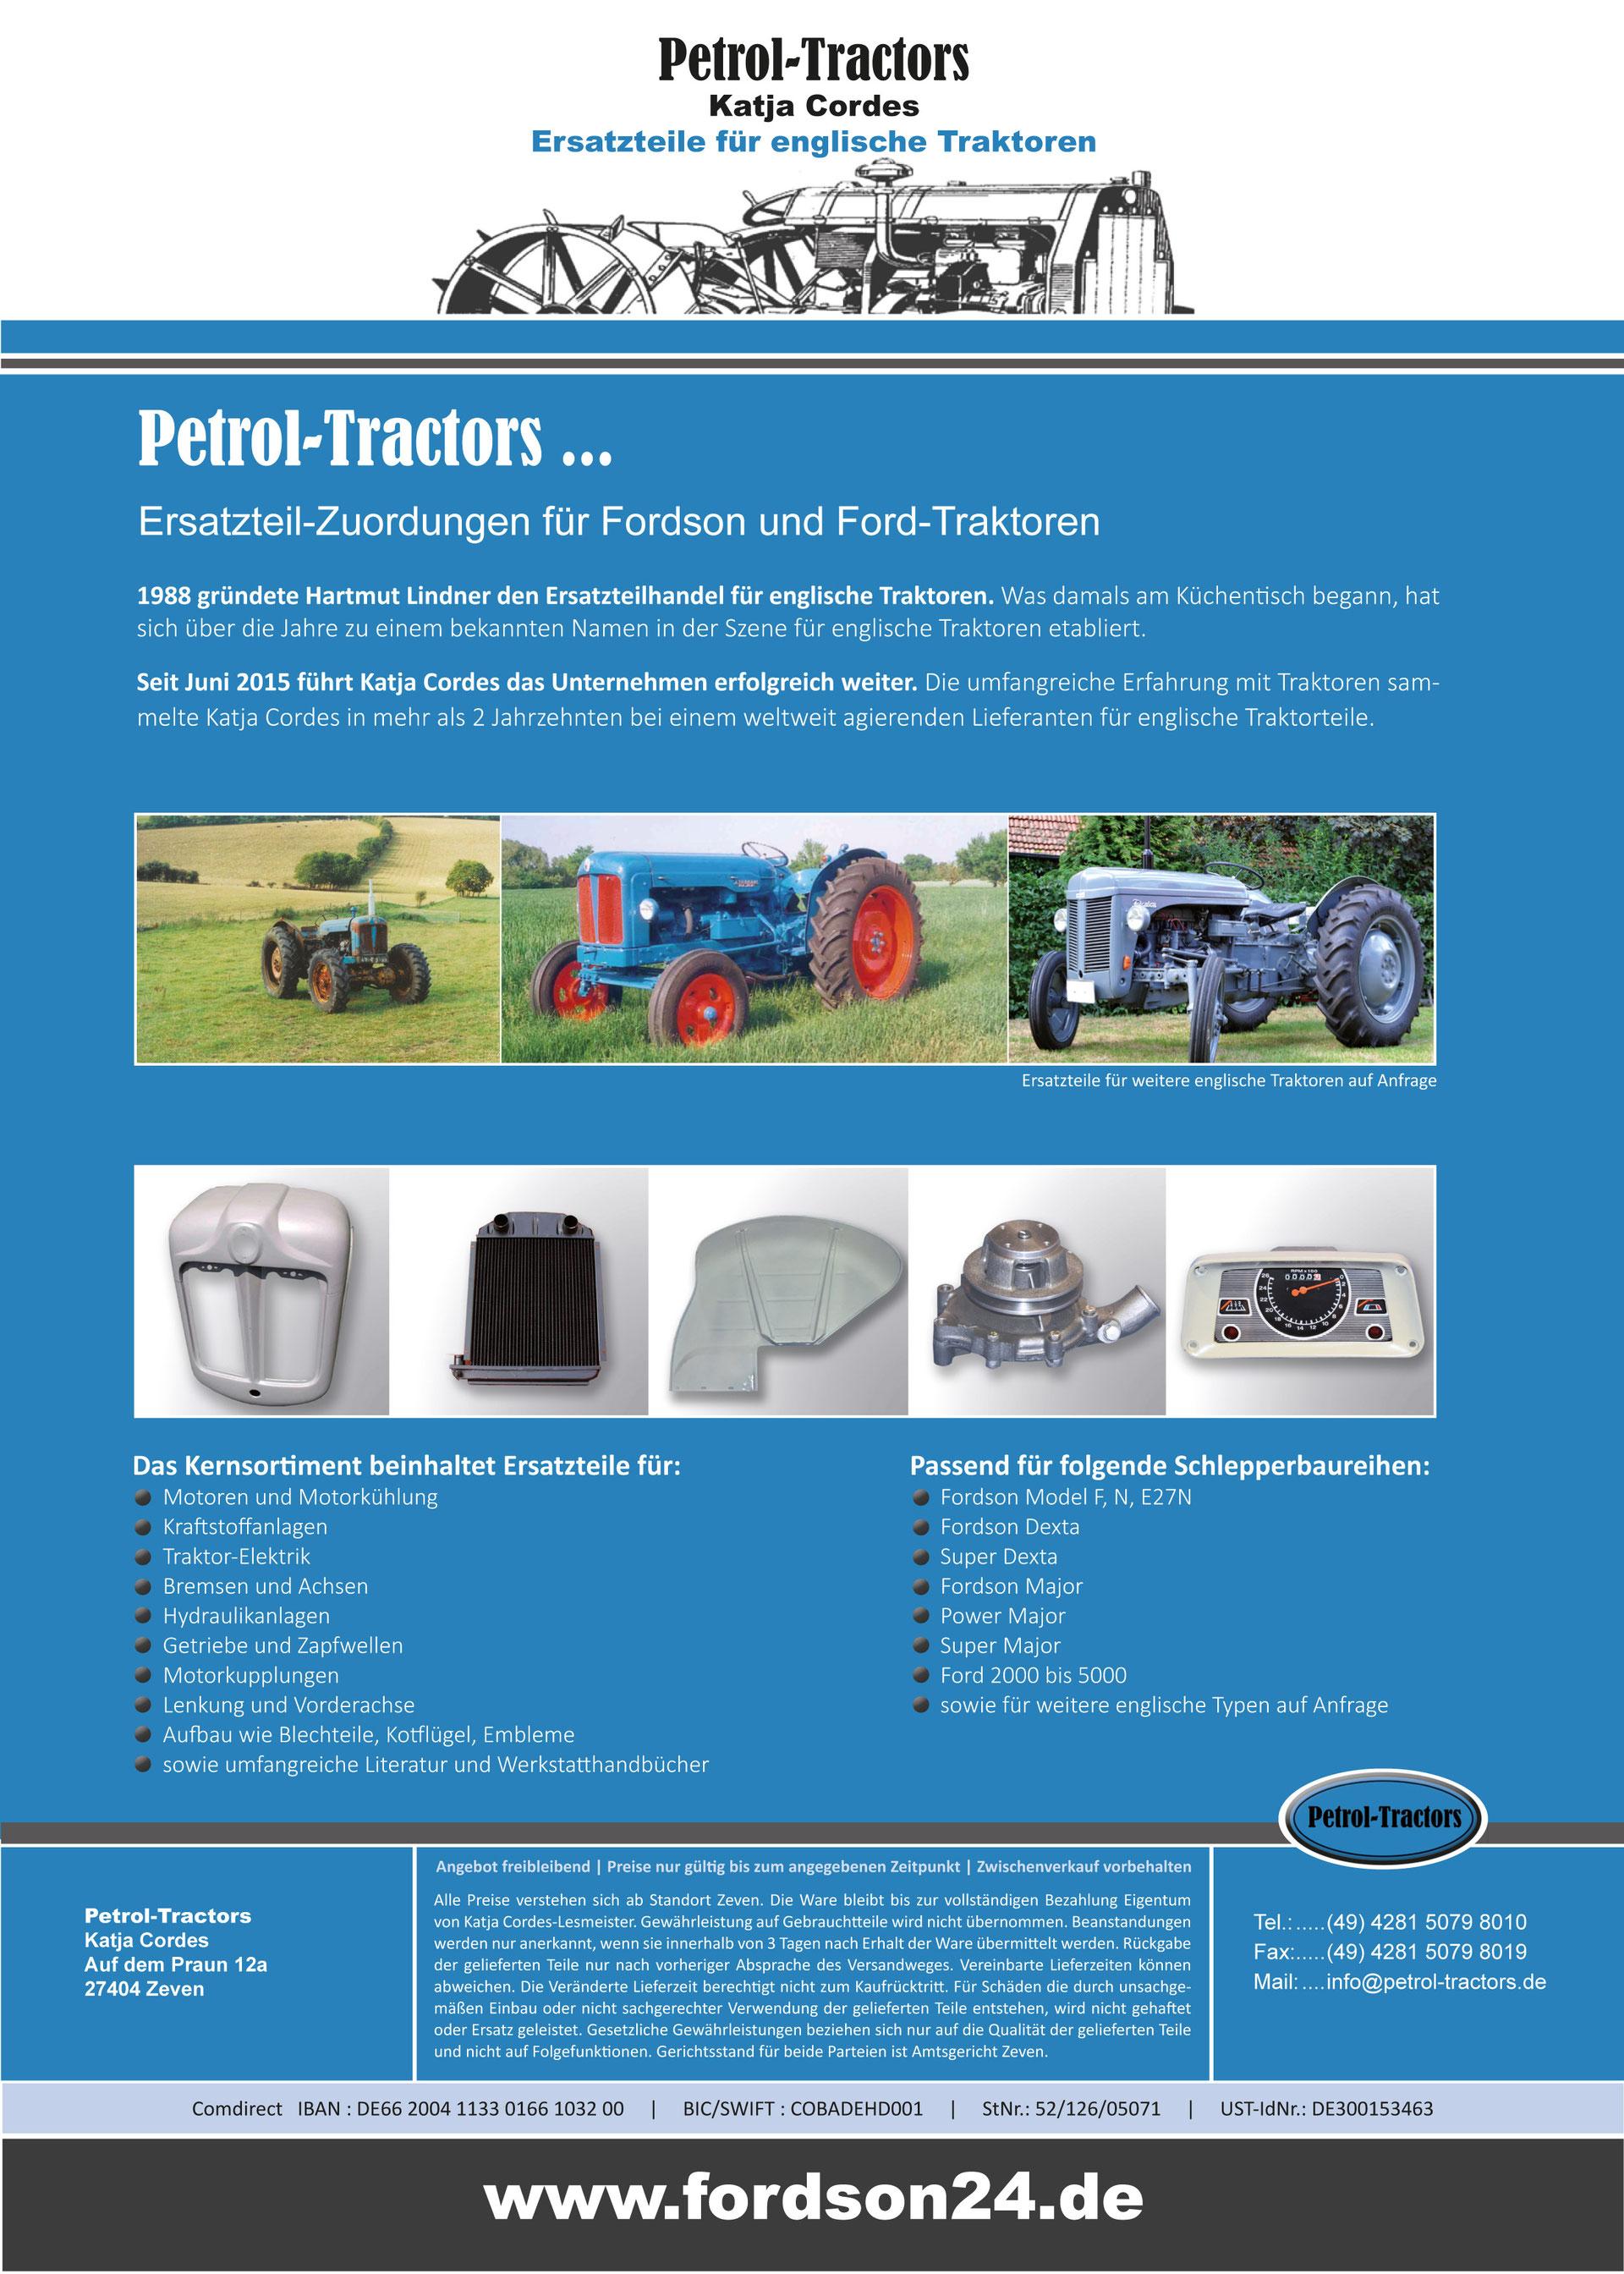 Großartig Ford 5000 Diesel Traktor Schaltplan Bilder - Die Besten ...